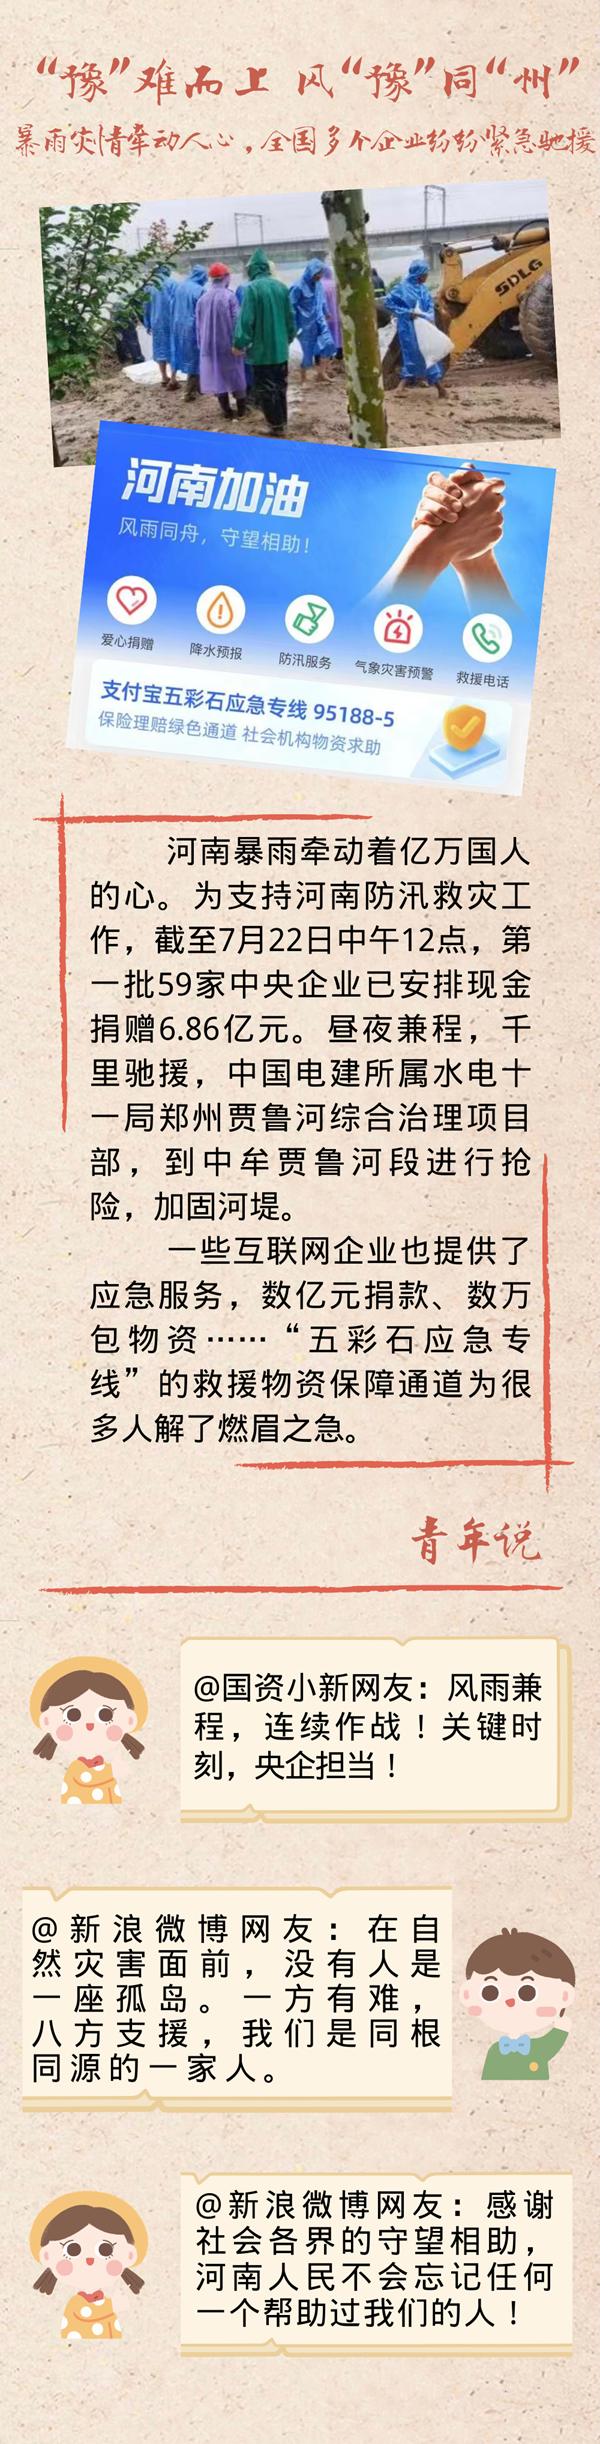 65岁刘晓庆自信满满 搞笑回应整容传闻